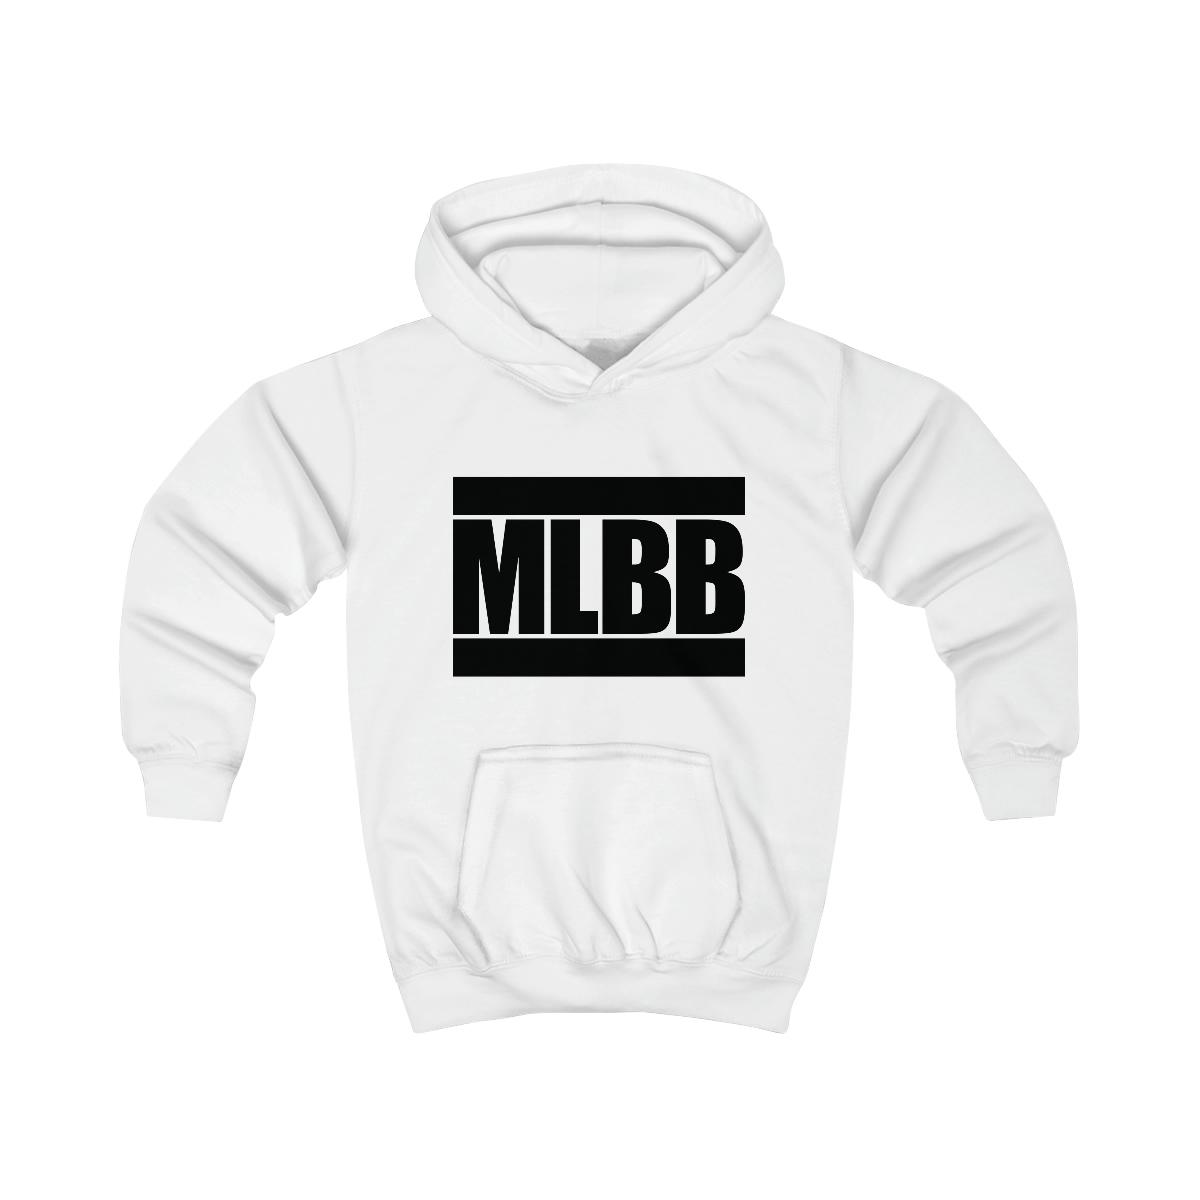 KIDS MLBB Hoodie